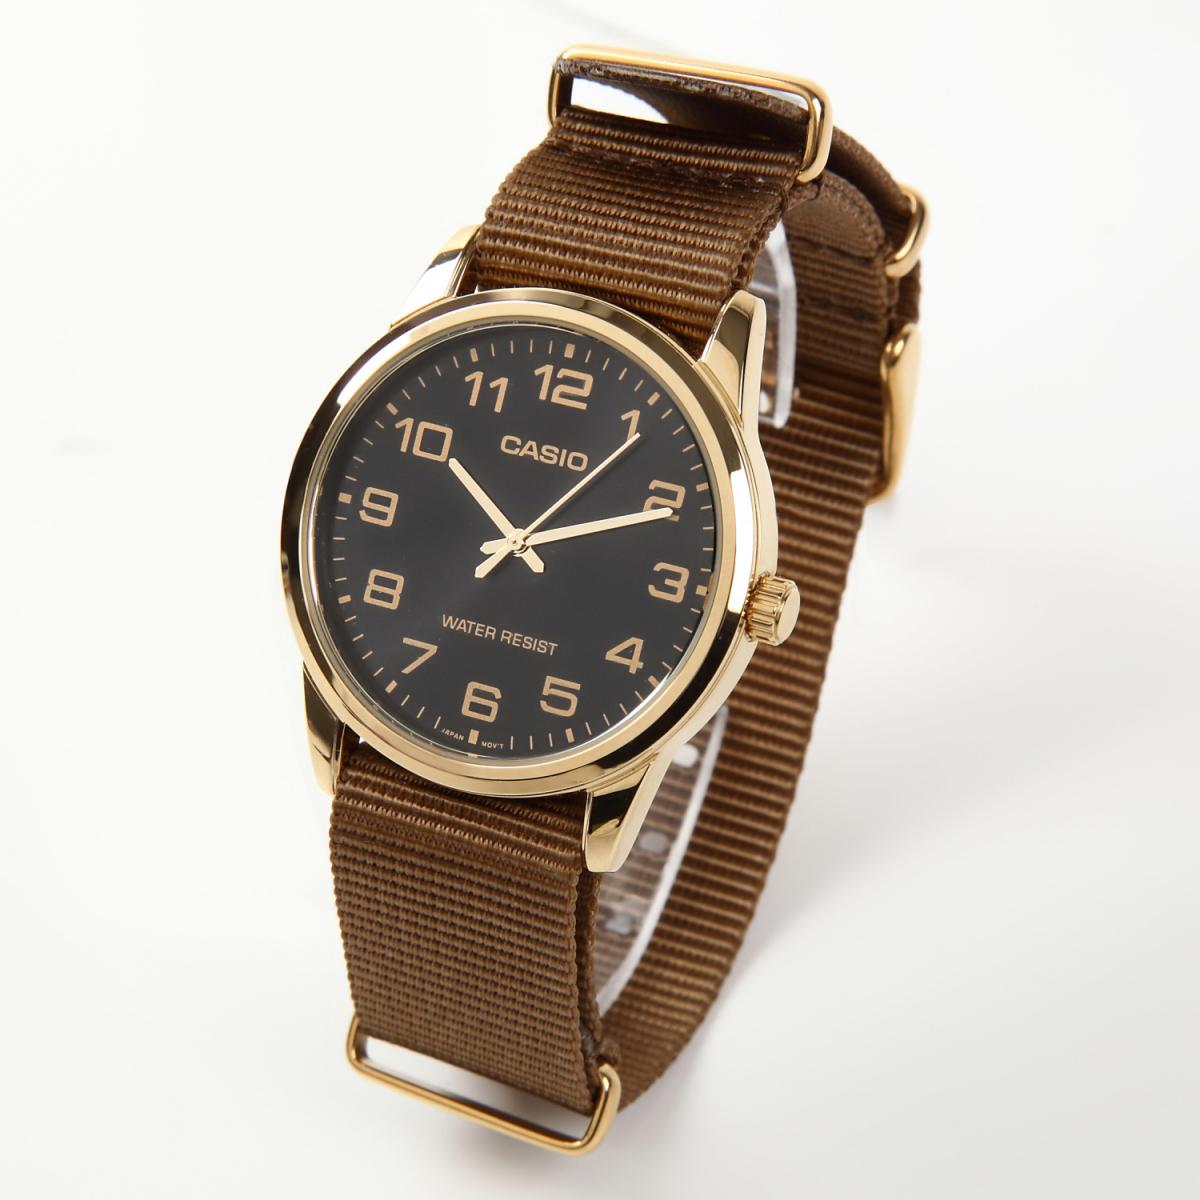 時計ベルト NATO ゴールドバックル ショートサイズ カーキブラウン 20mm 取付けマニュアル _画像2